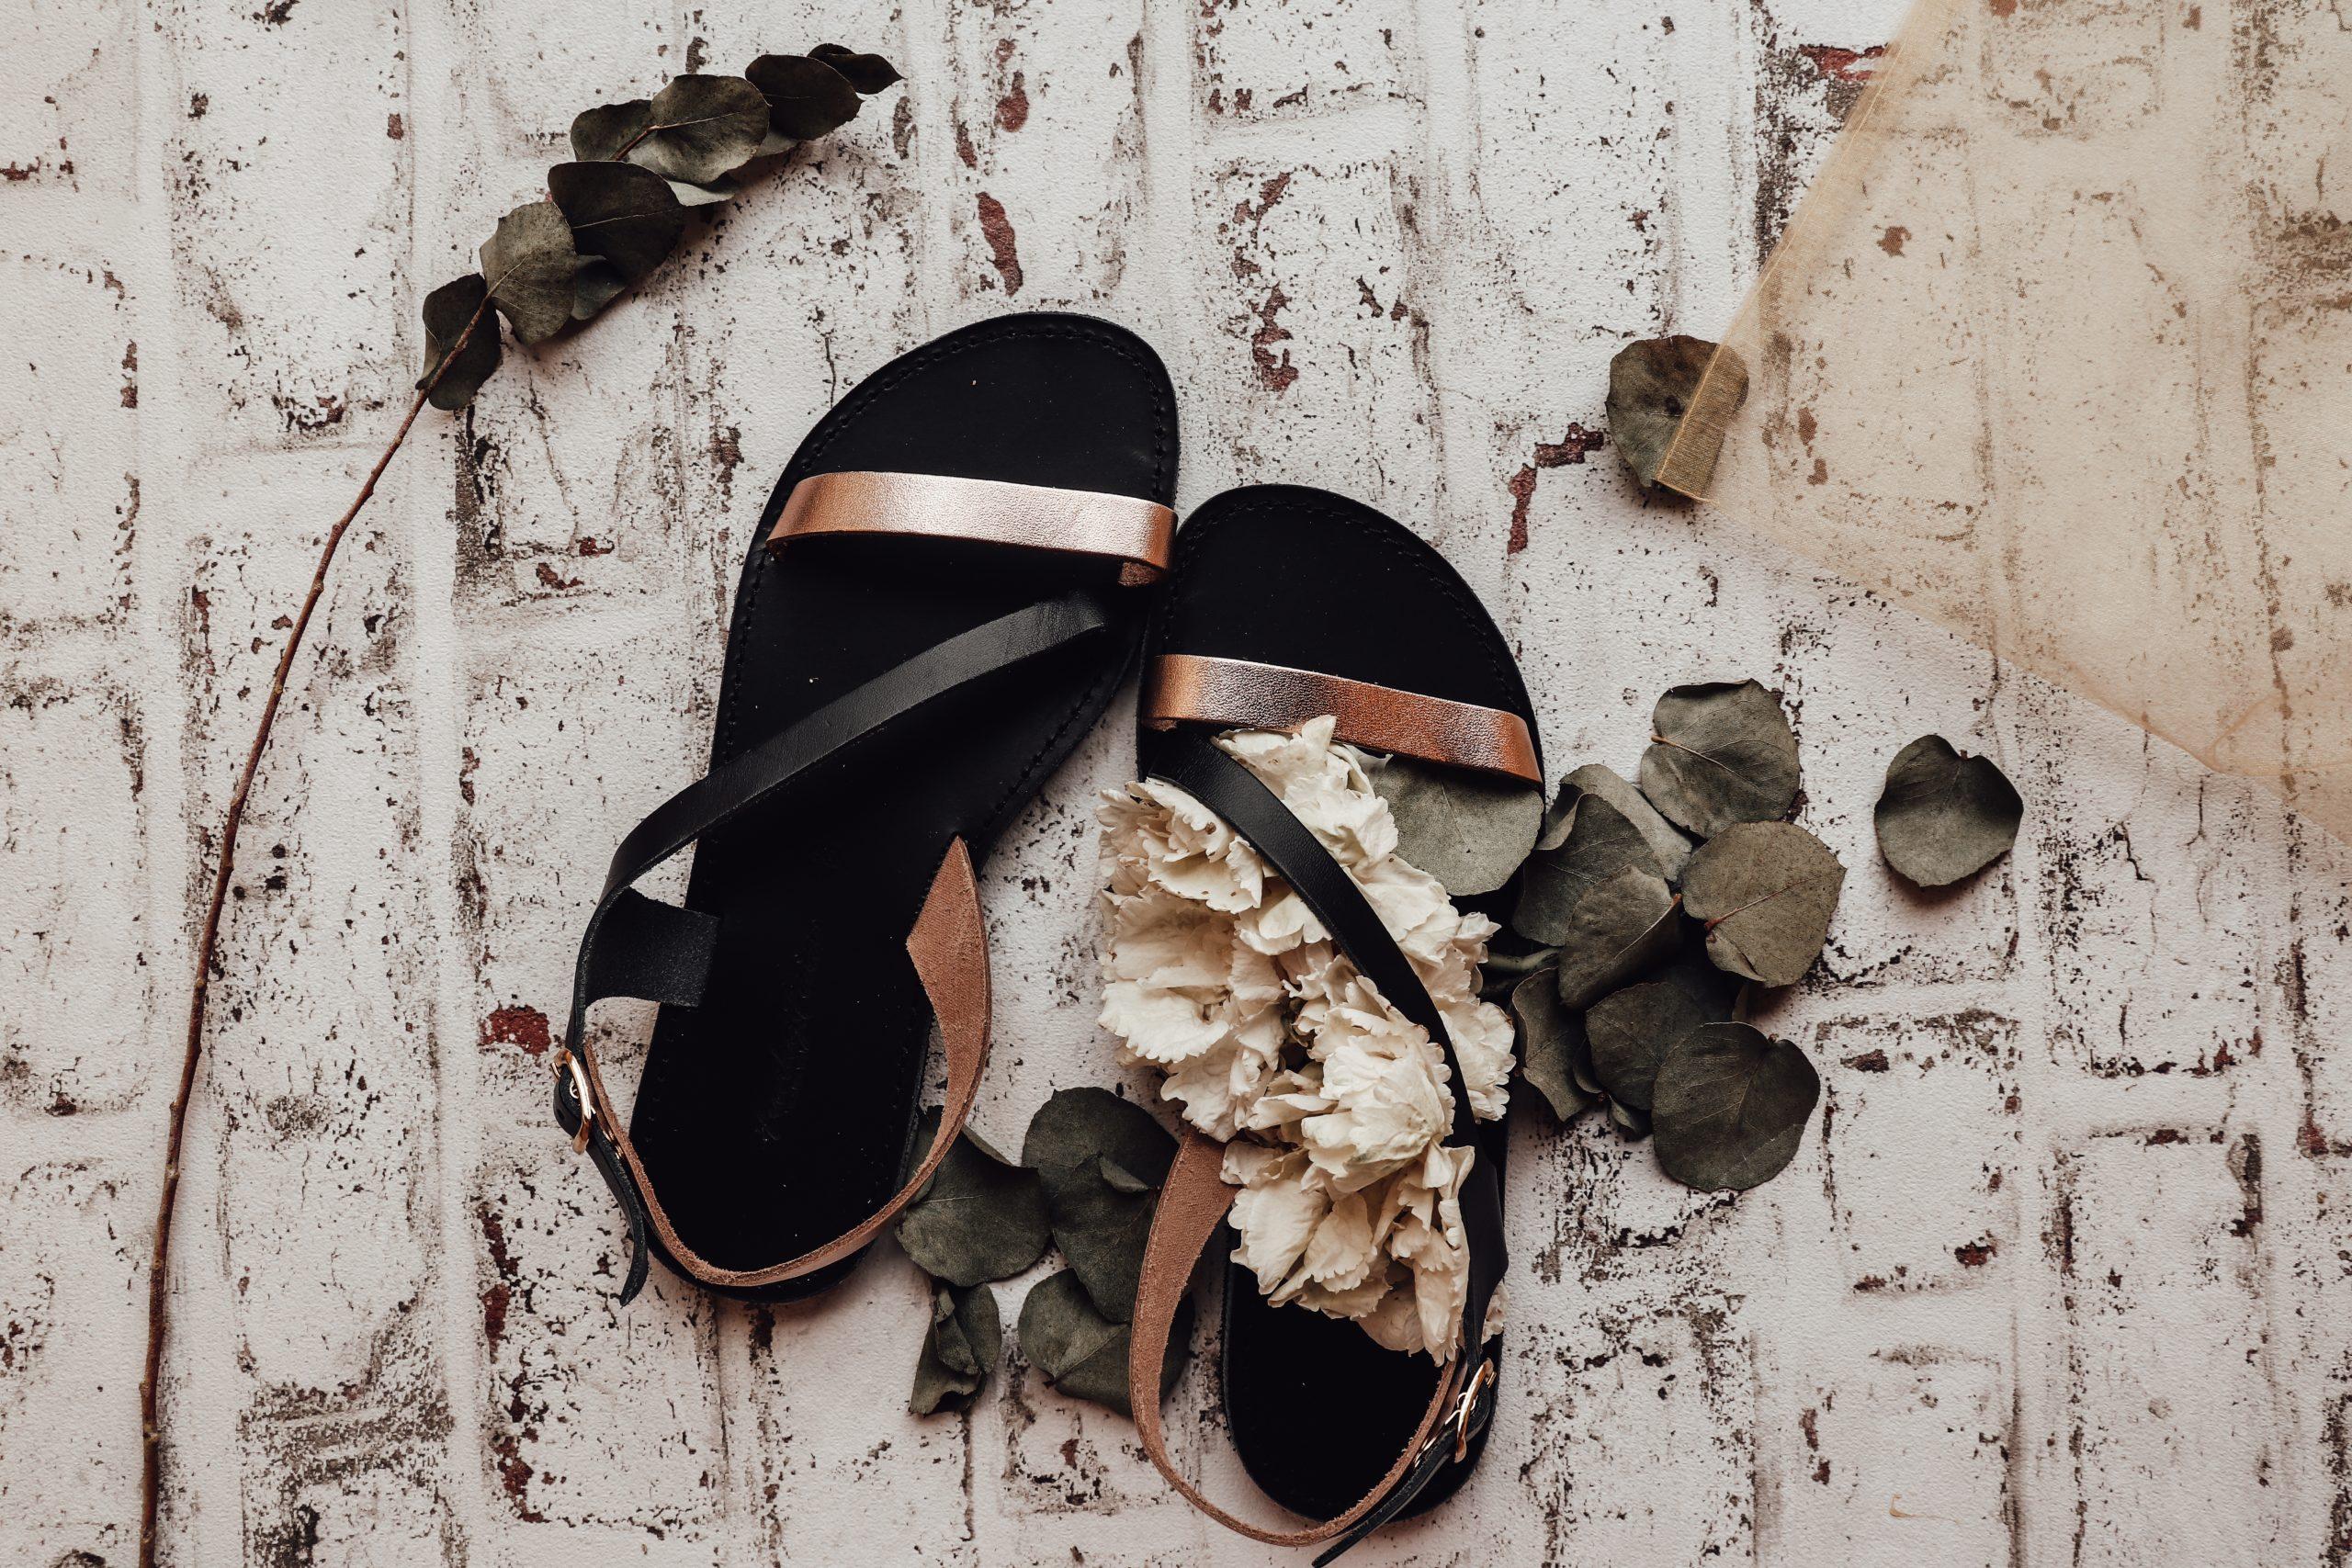 Sandały damskie ze skóry naturalnej FUNKY STRIPES, czarne